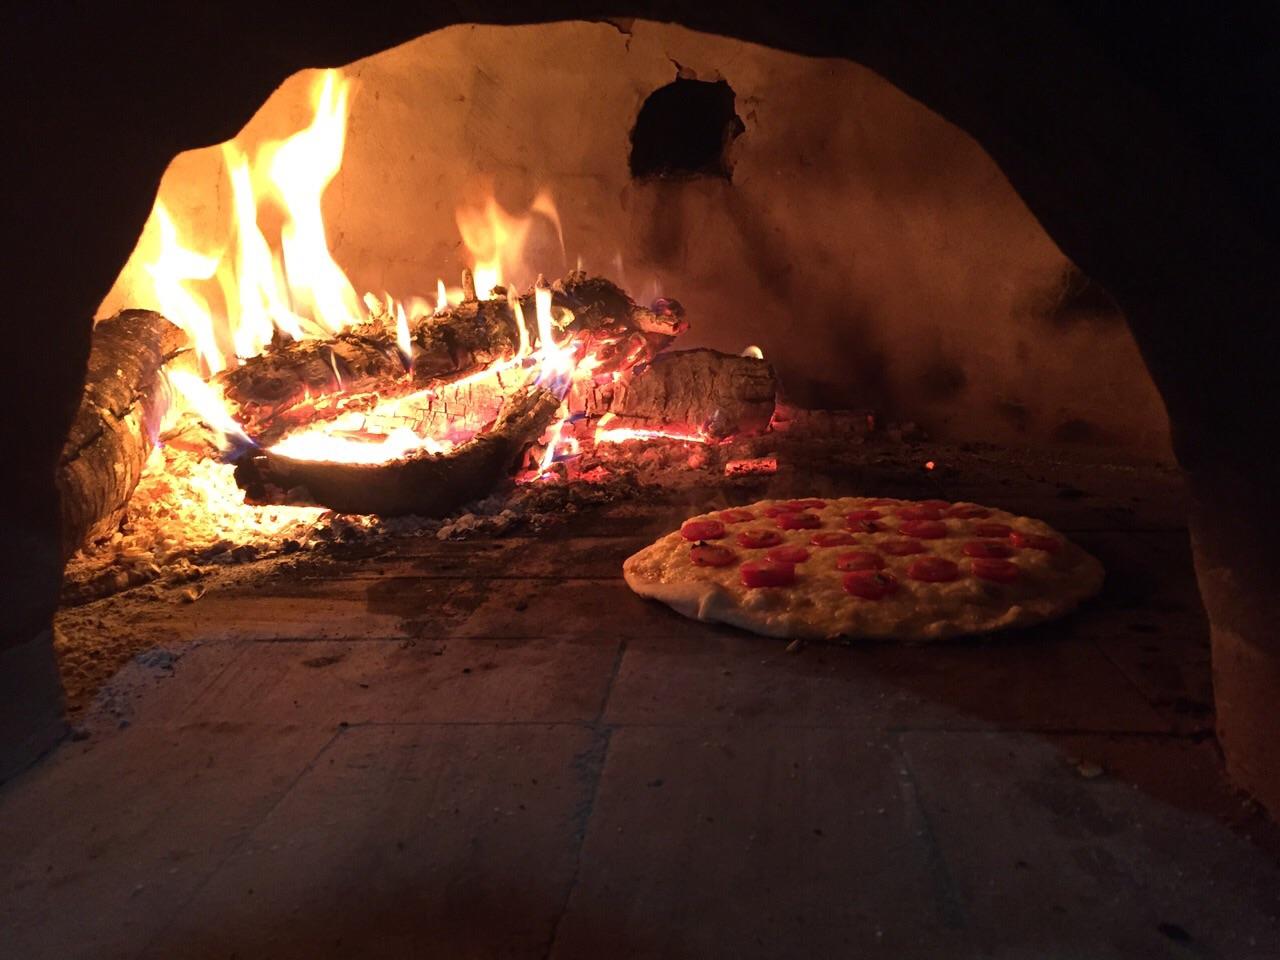 Dá um orgulho de ver sua própria pizza assando! #euquefiz #juntocommeusamigos